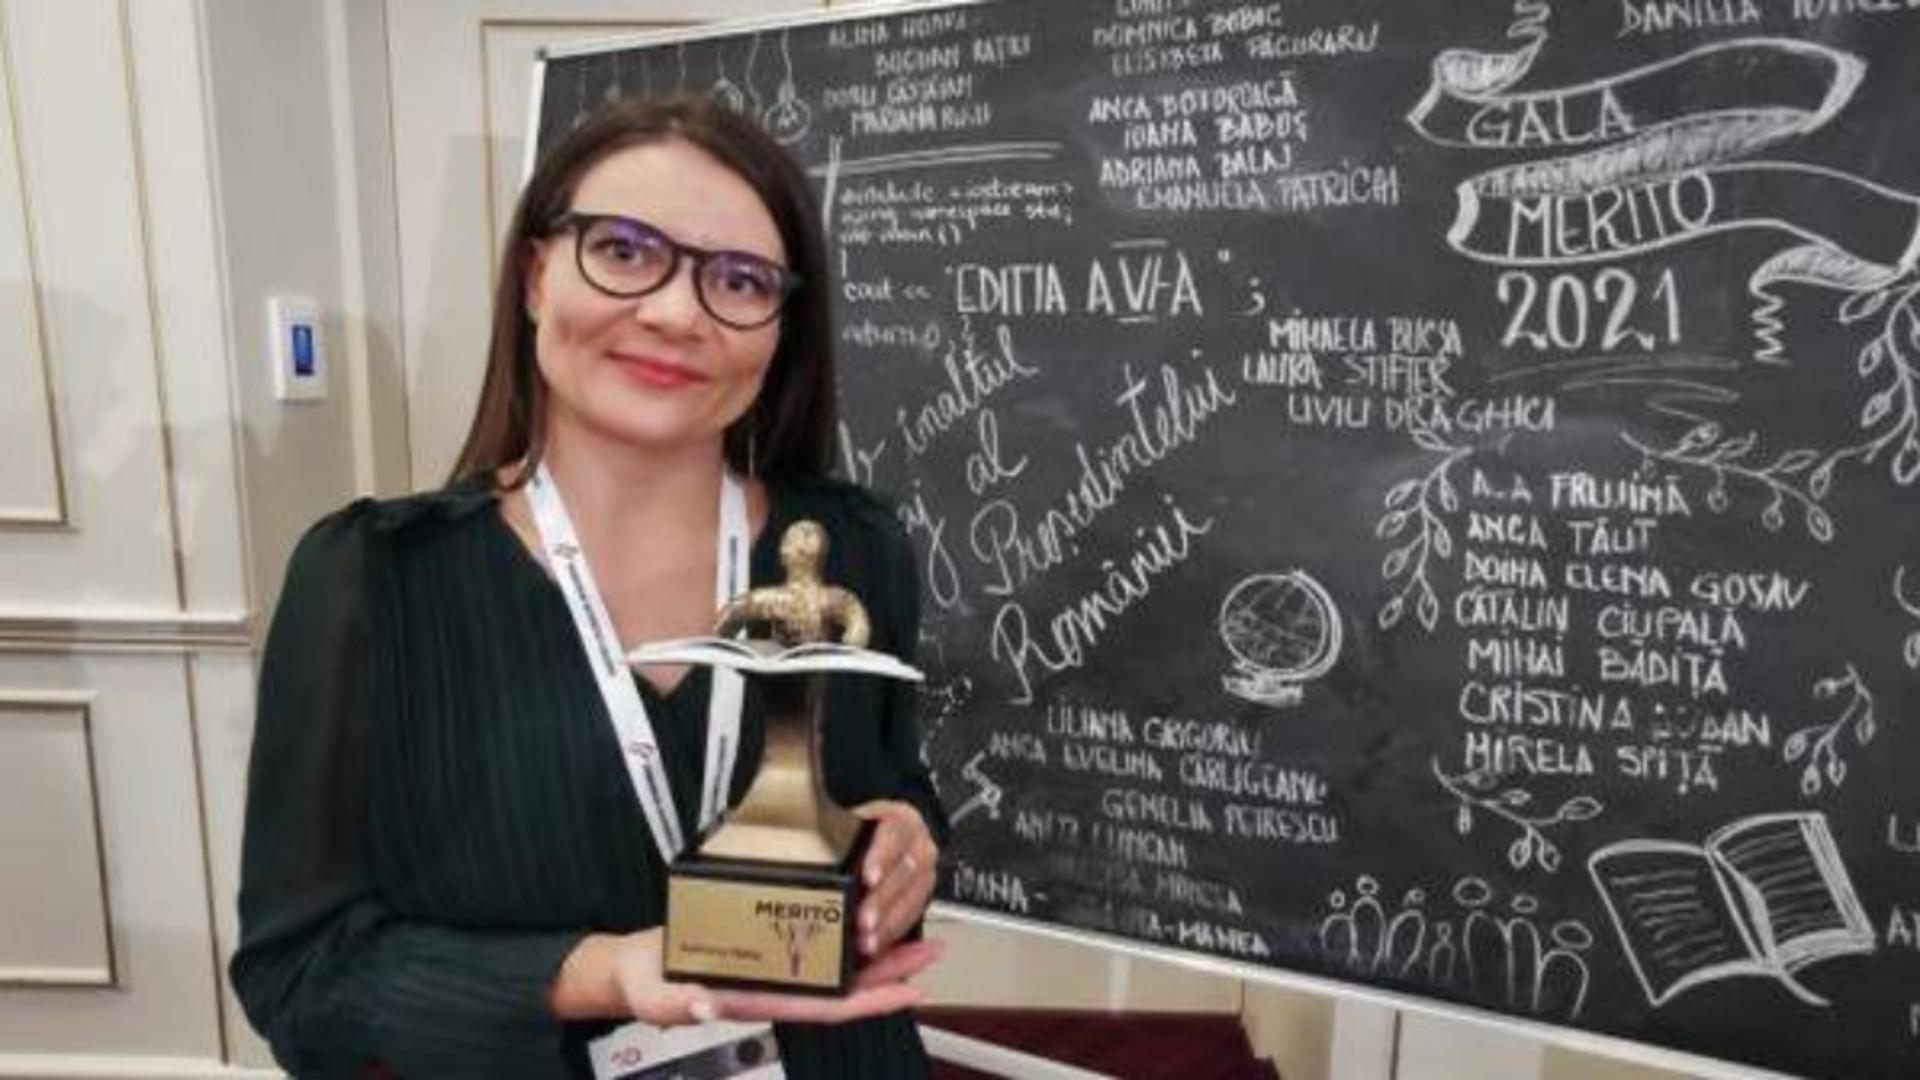 Adriana Bălaj, din Timișoara, premiată la Gala Excelenței în Educație